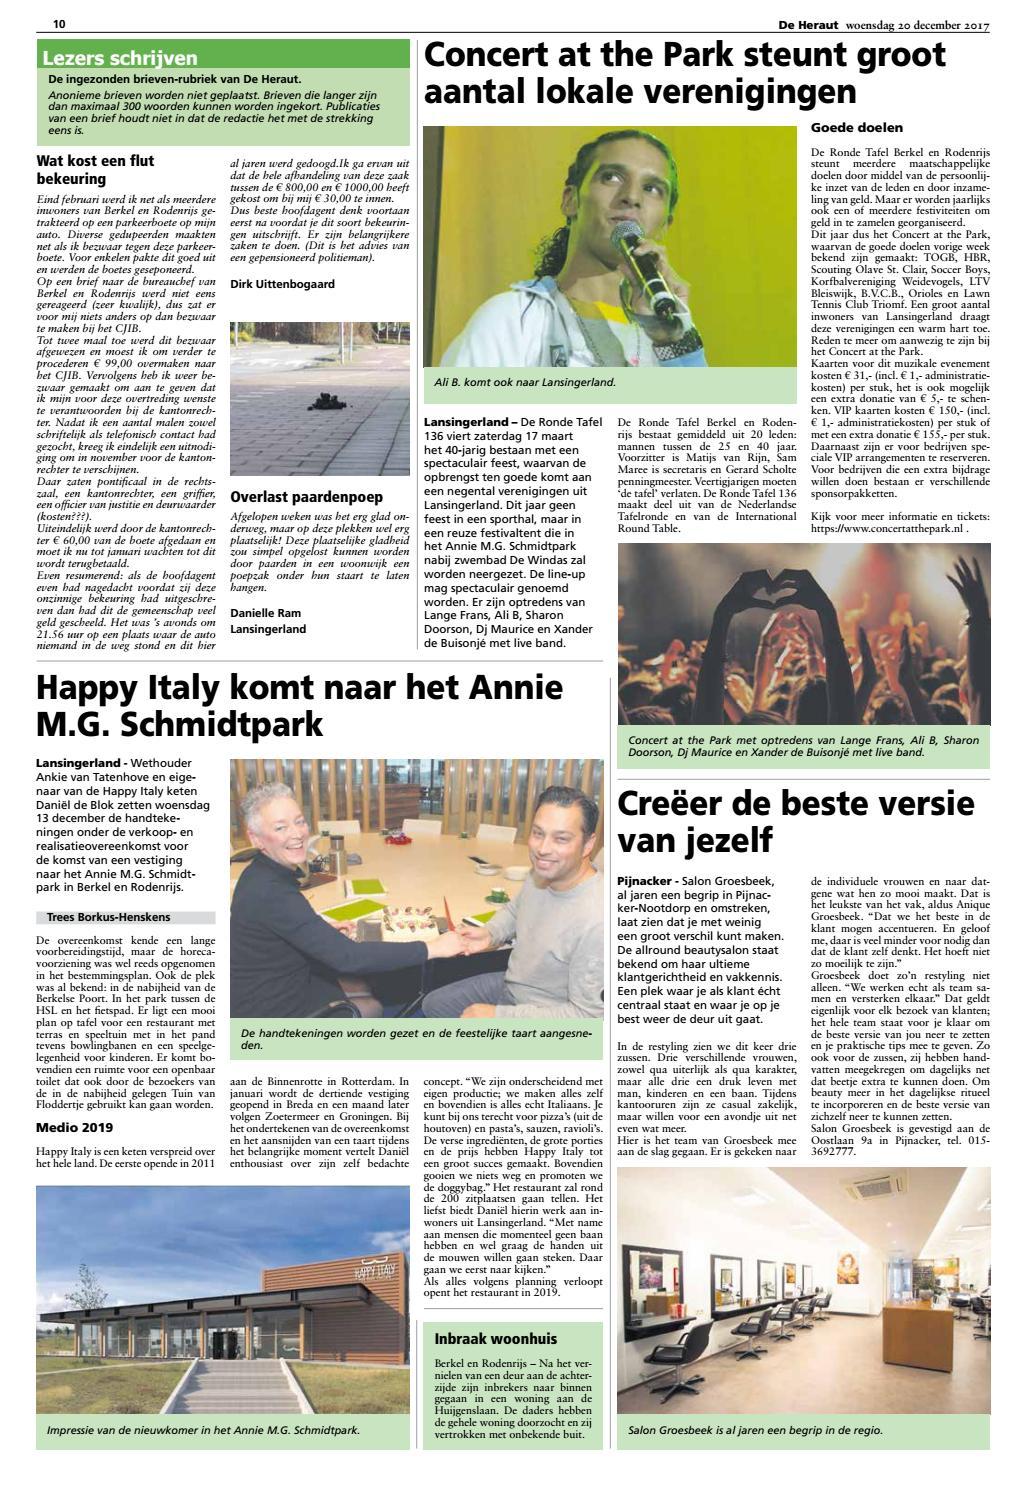 Ronde Tafel 136.Heraut Week 51 2017 By Nieuwsblad De Heraut Issuu